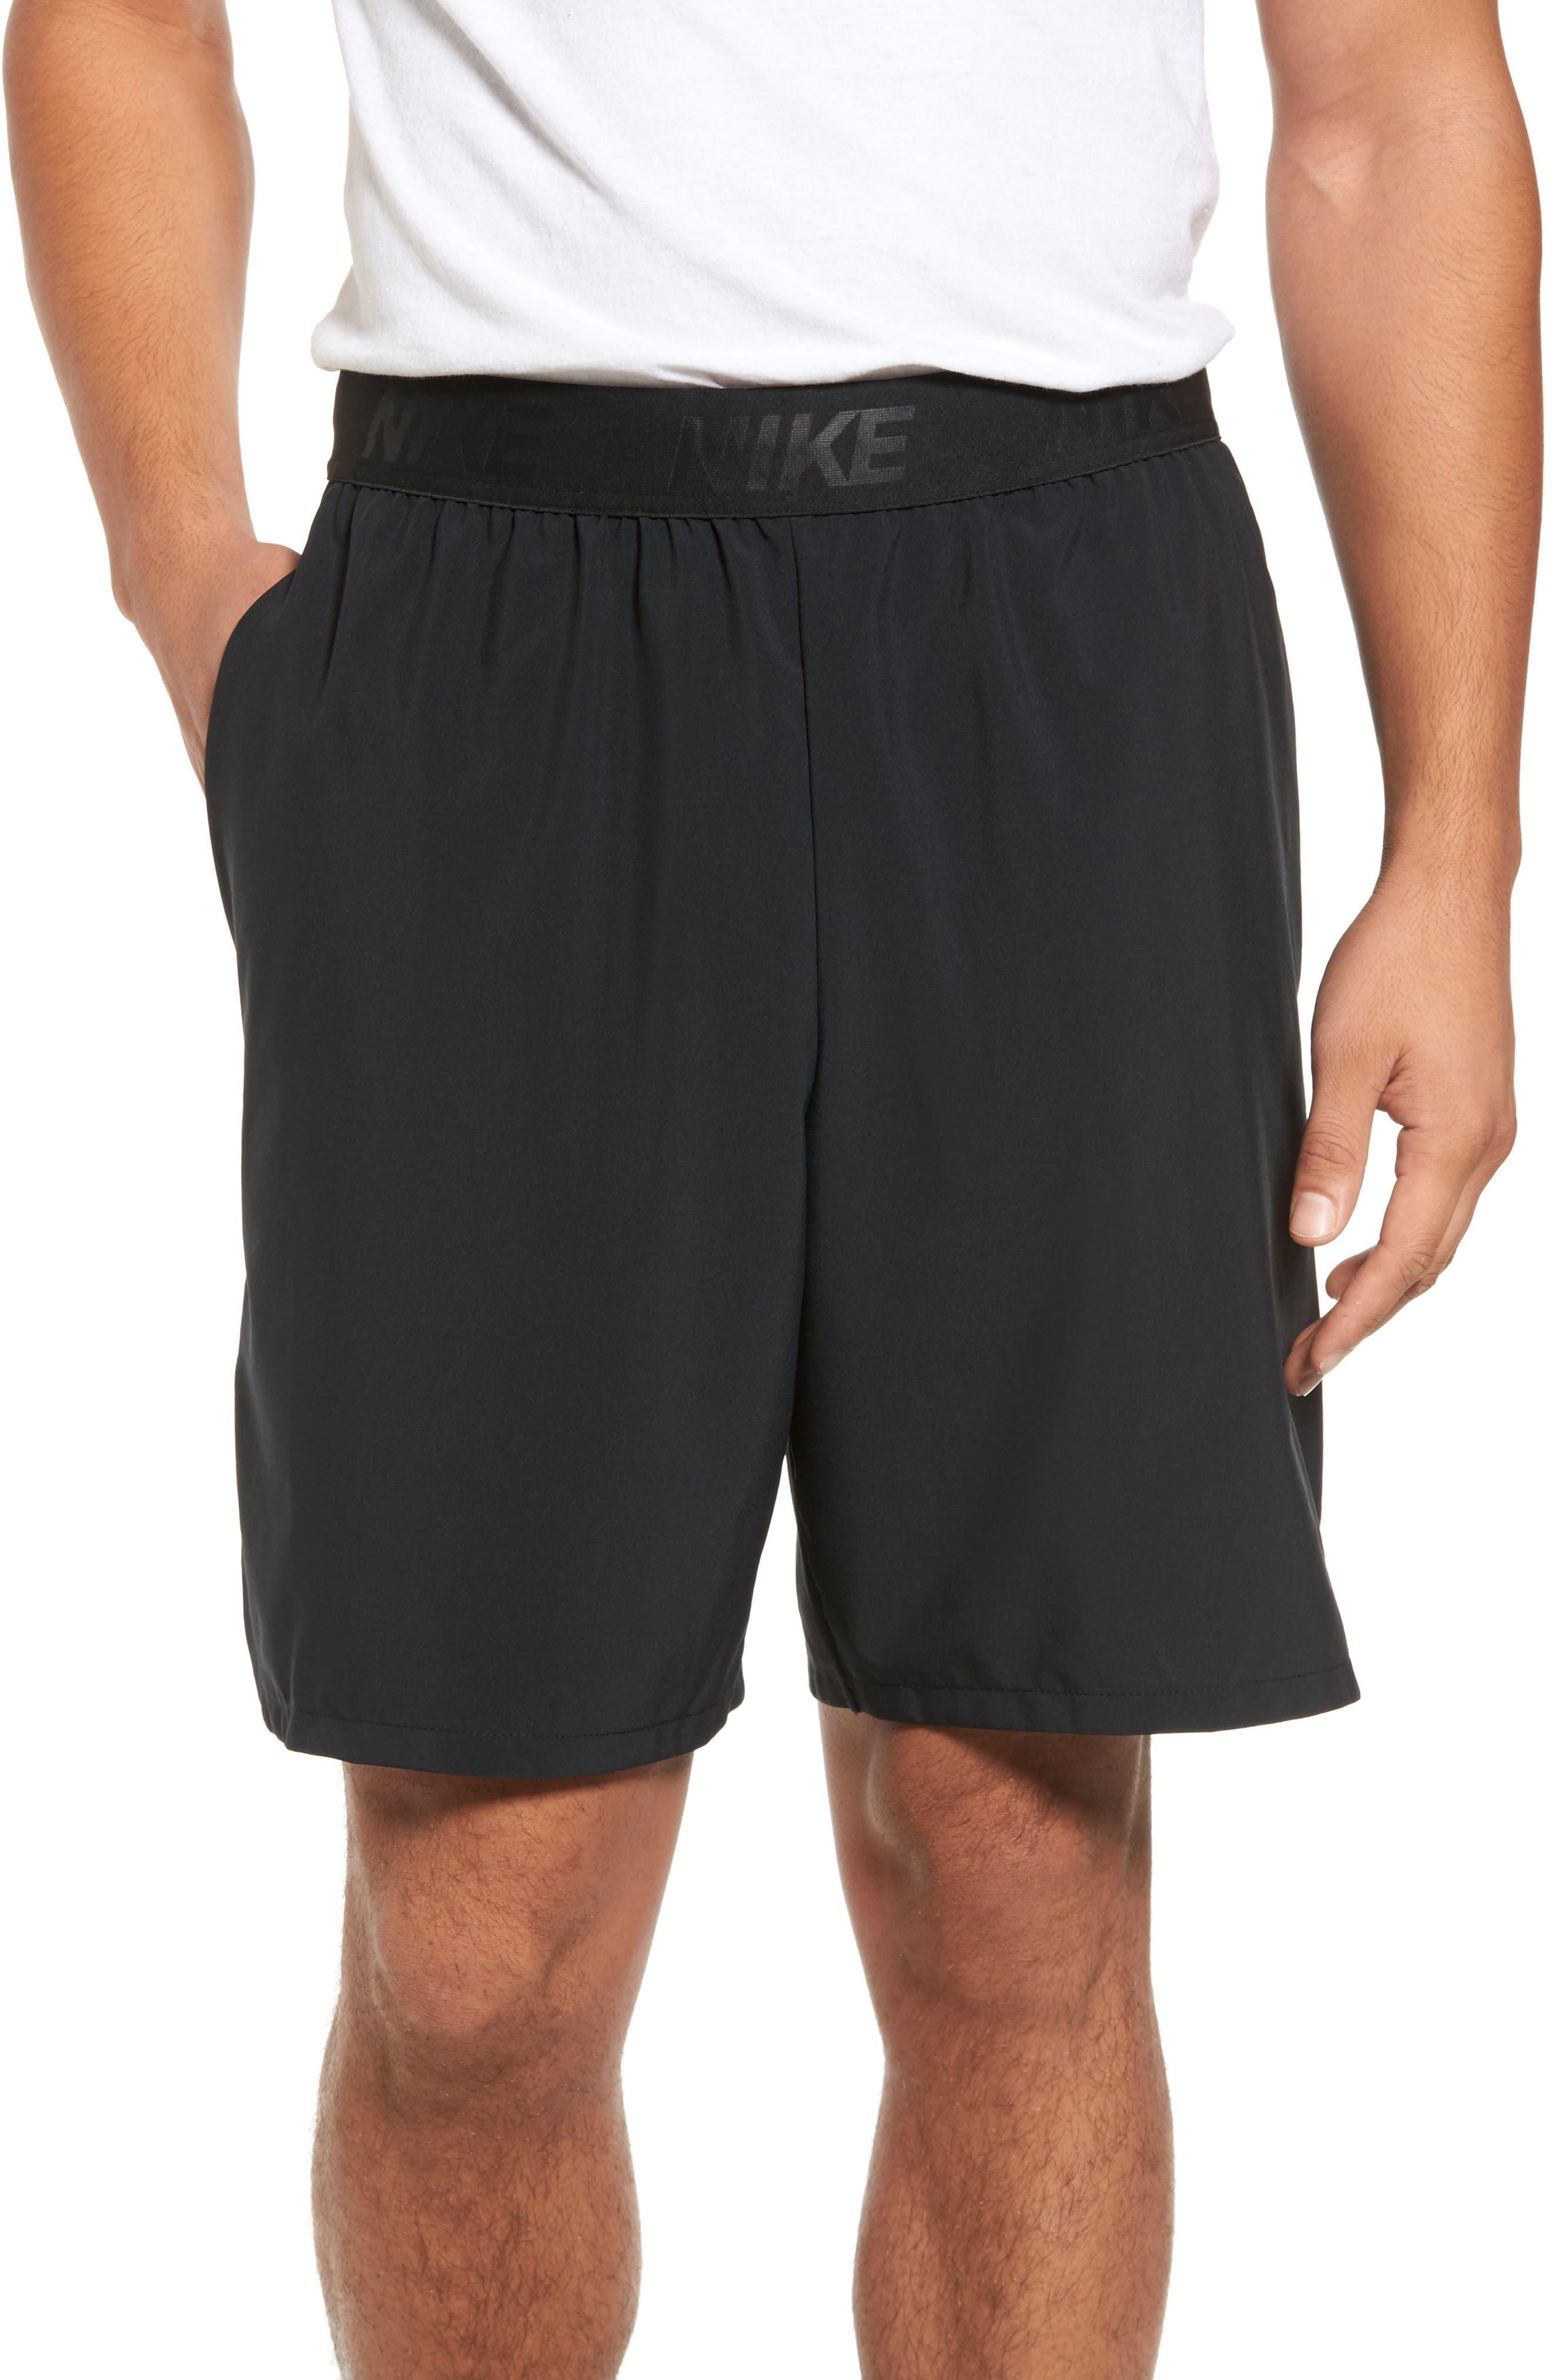 Flex Vent Max Shorts,                         Main,                         color, Black/ Mtlc Hematite